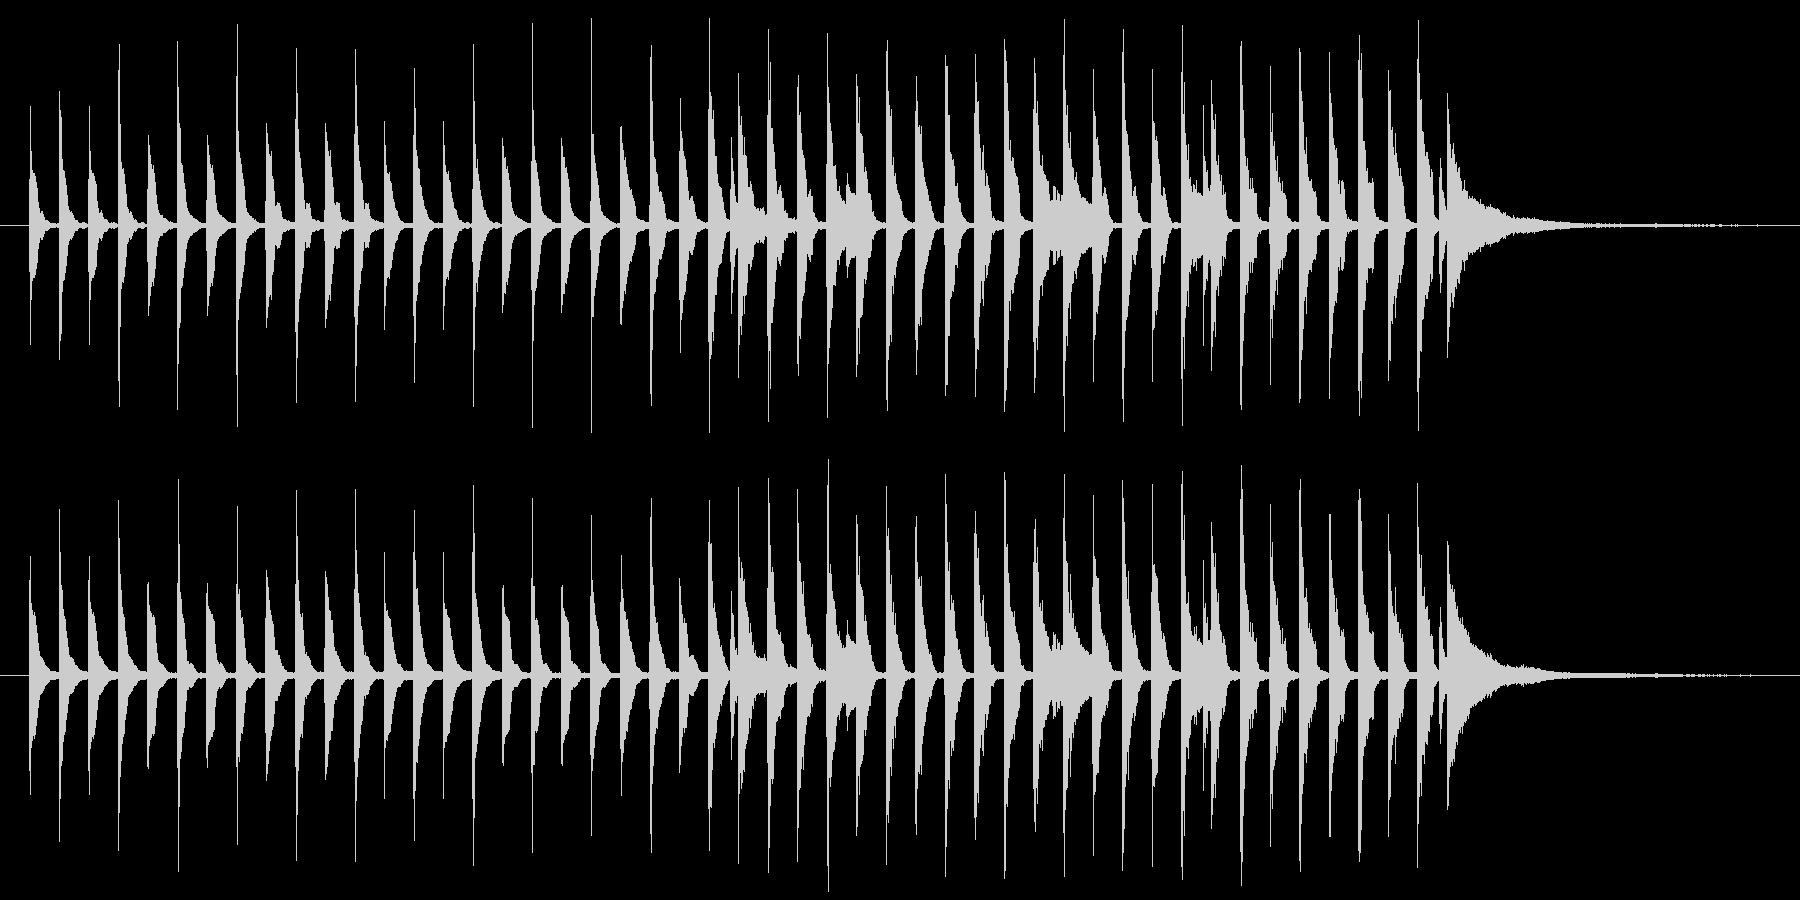 わくわくするポップな曲の未再生の波形